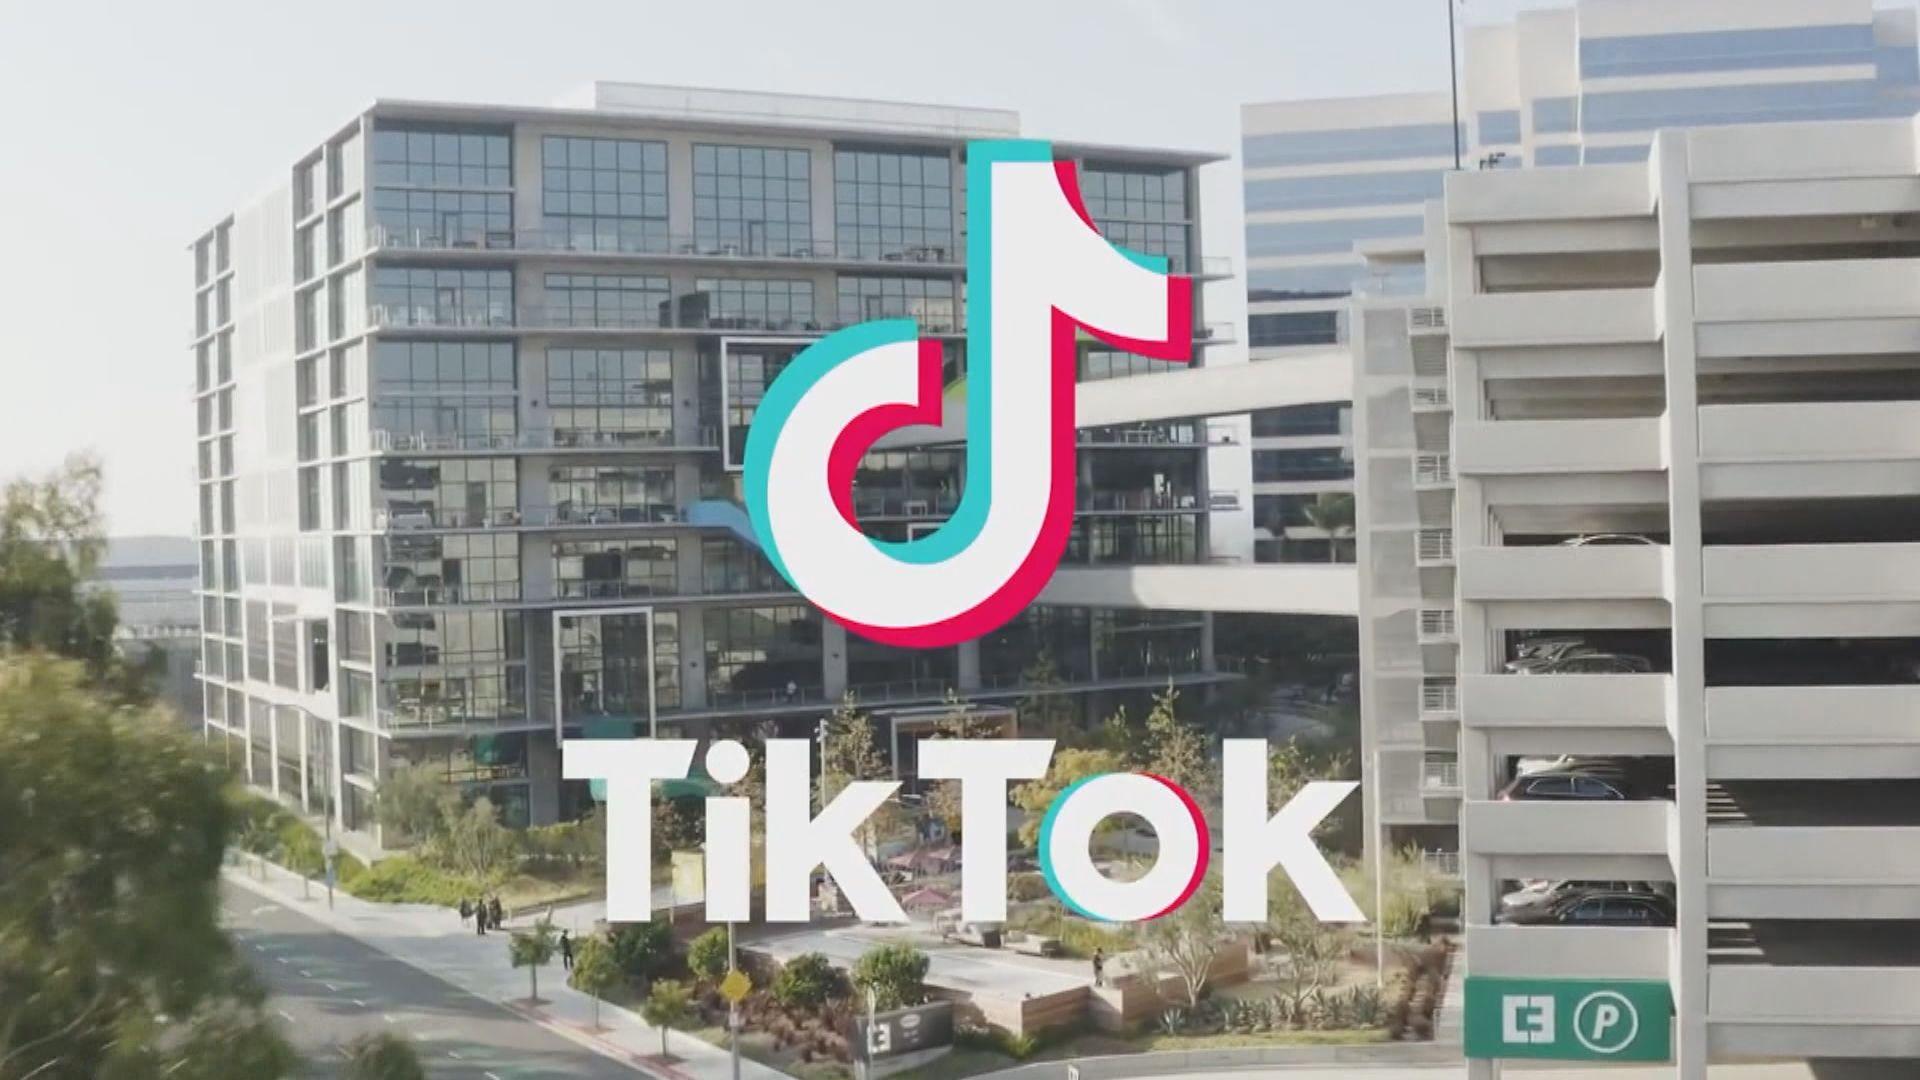 傳字節跳動正與美國協商避免全面出售TikTok美國